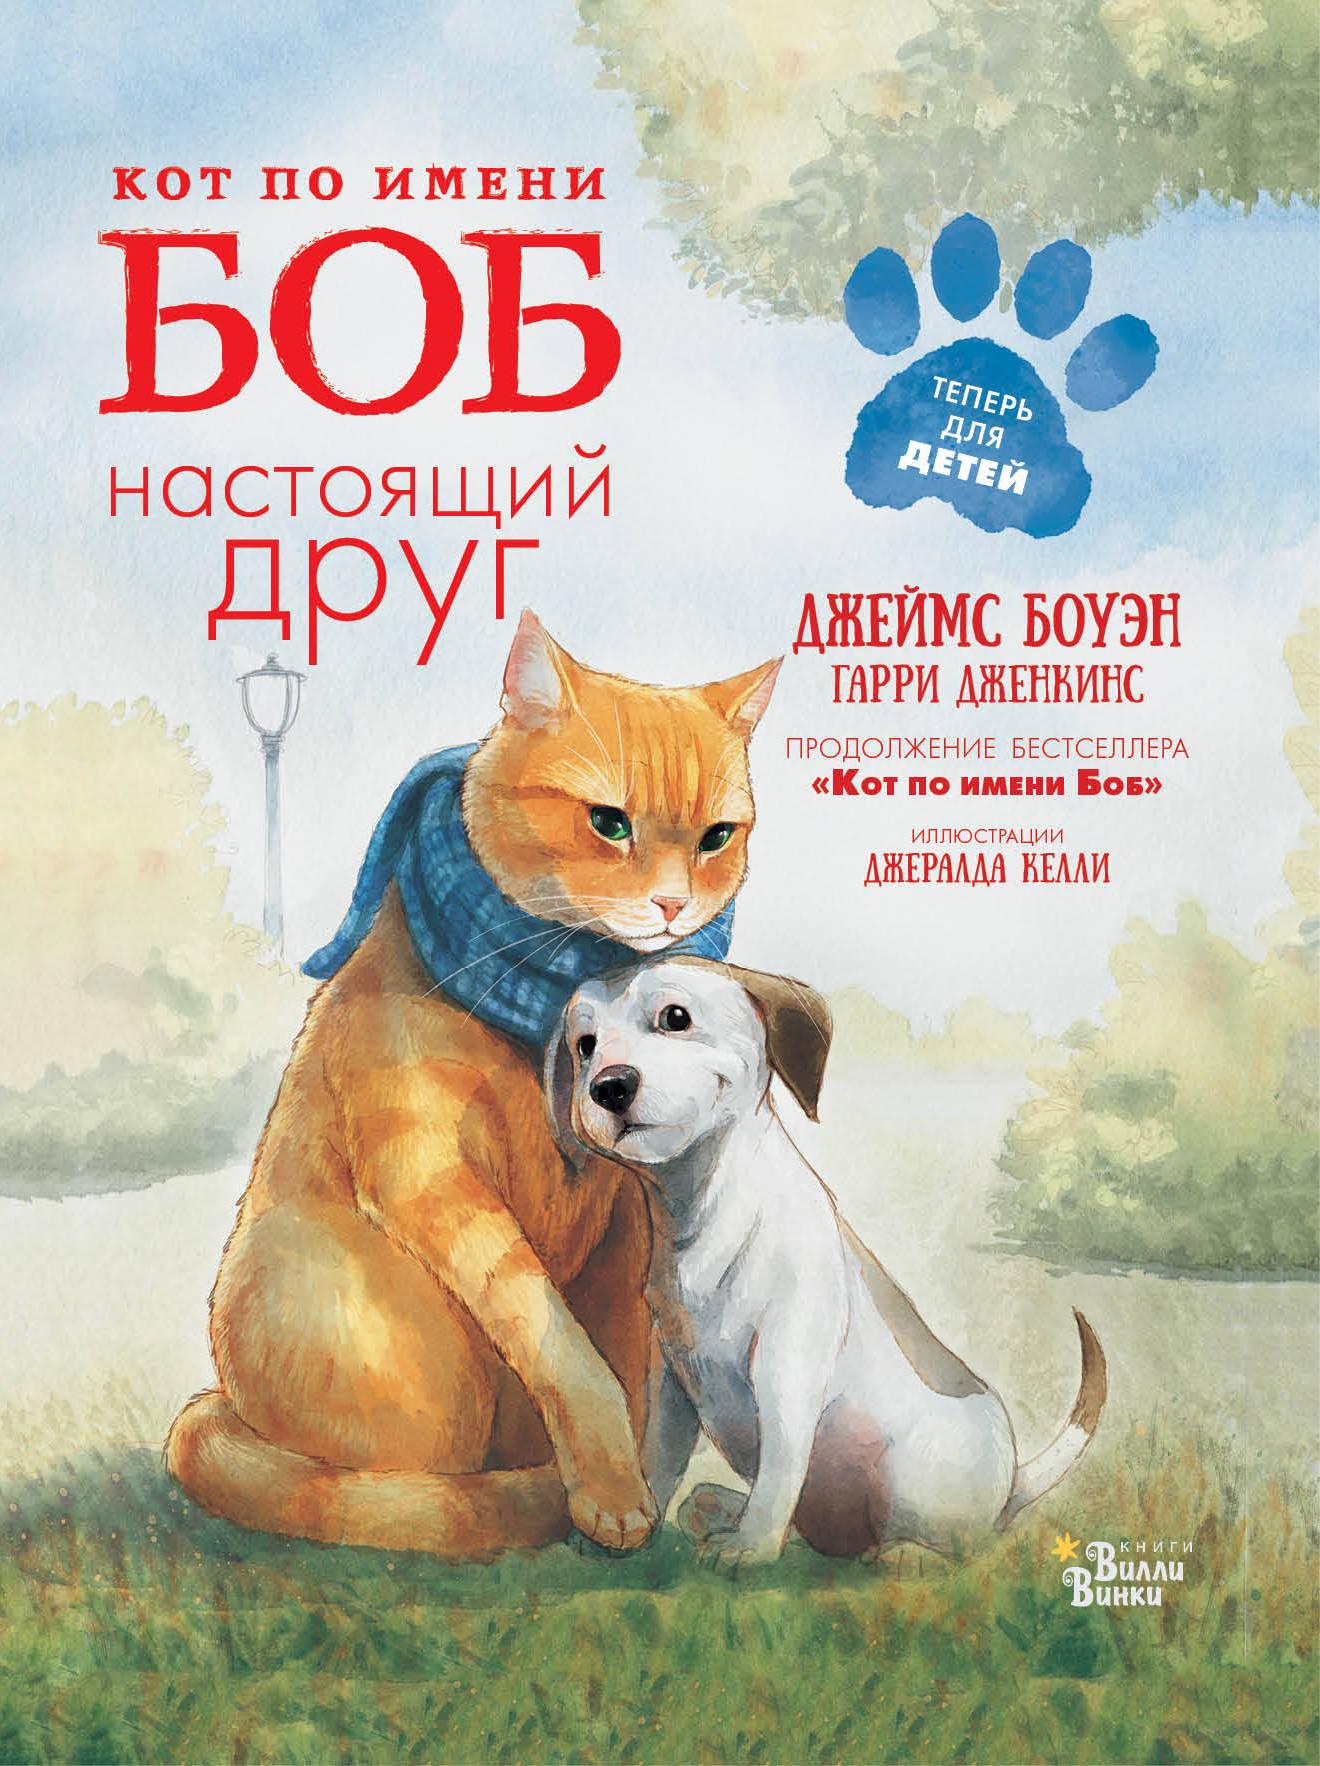 Джеймс Боуэн Кот по имени Боб - настоящий друг